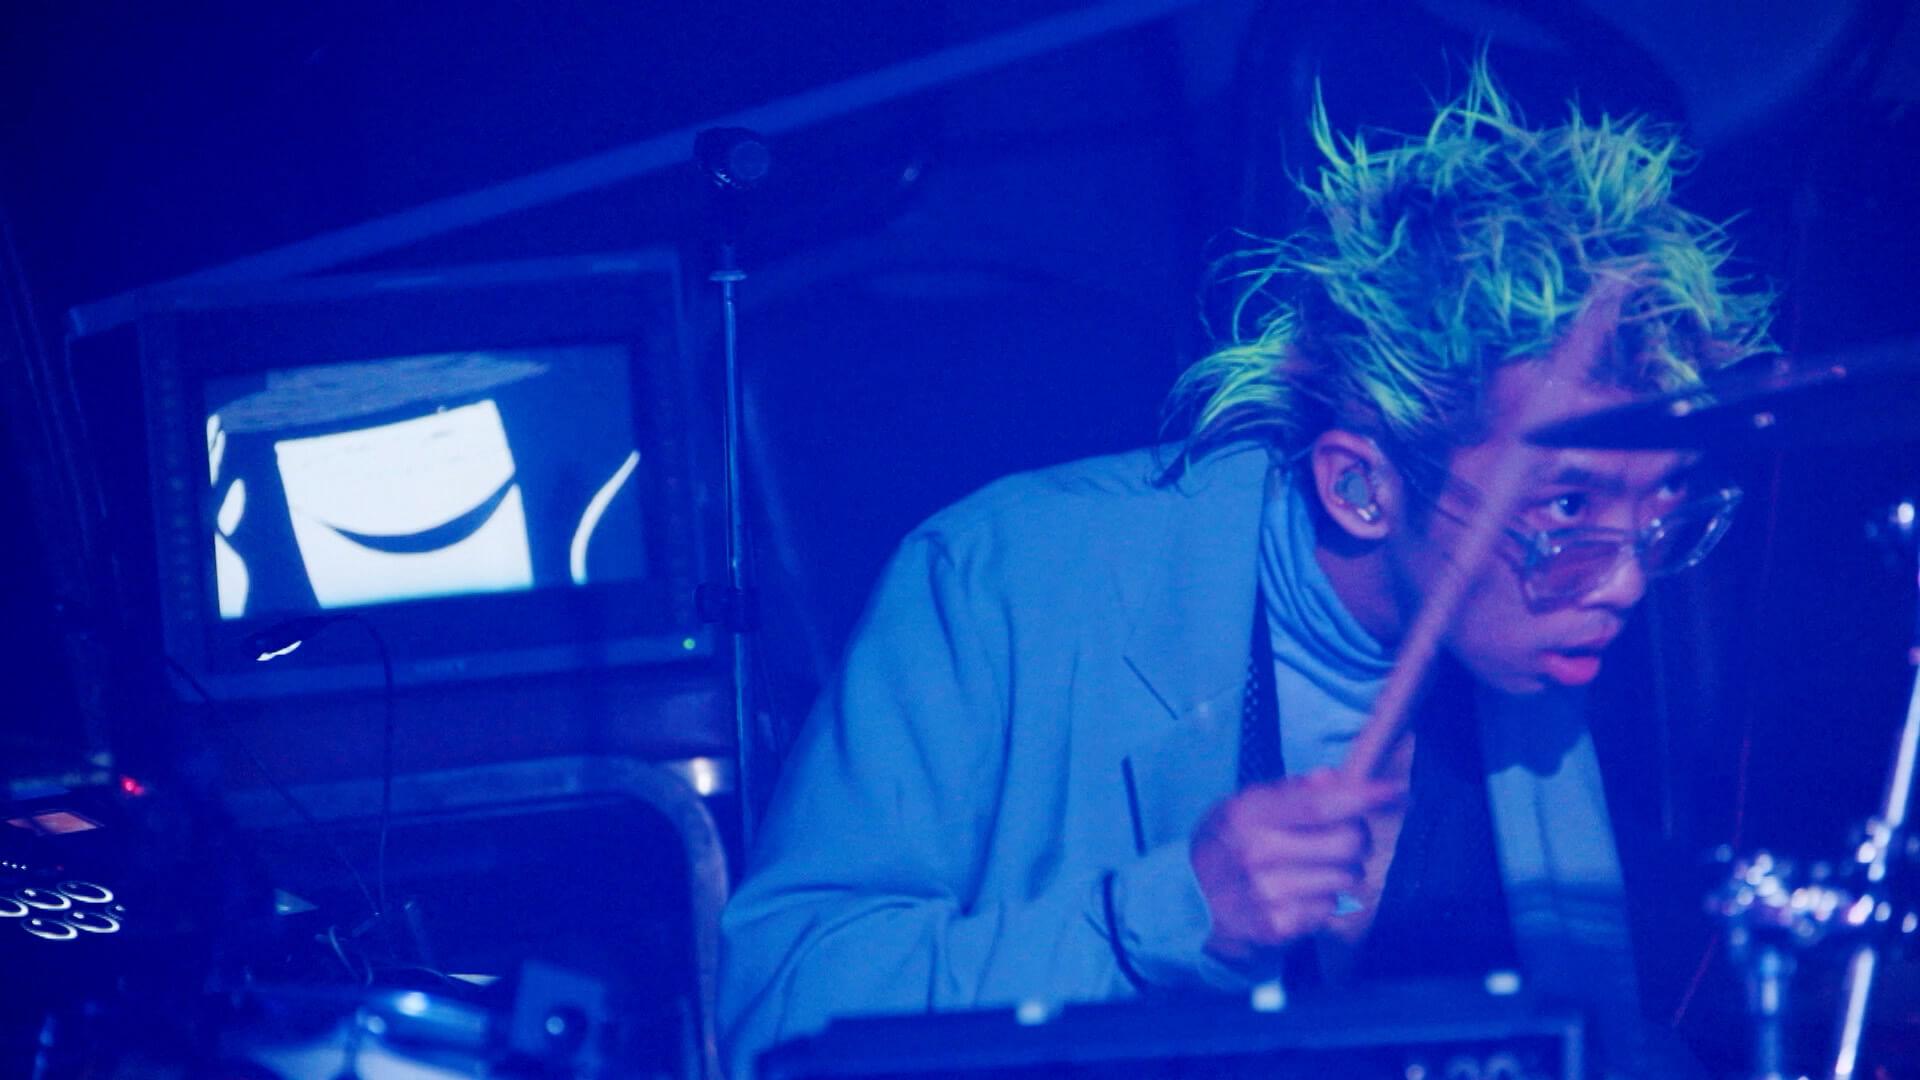 """『竜とそばかすの姫』主題歌""""U""""が話題のmillennium paradeによる<Splendour XR>でのライブ映像が公開中! music210726_millenniumparade_11"""